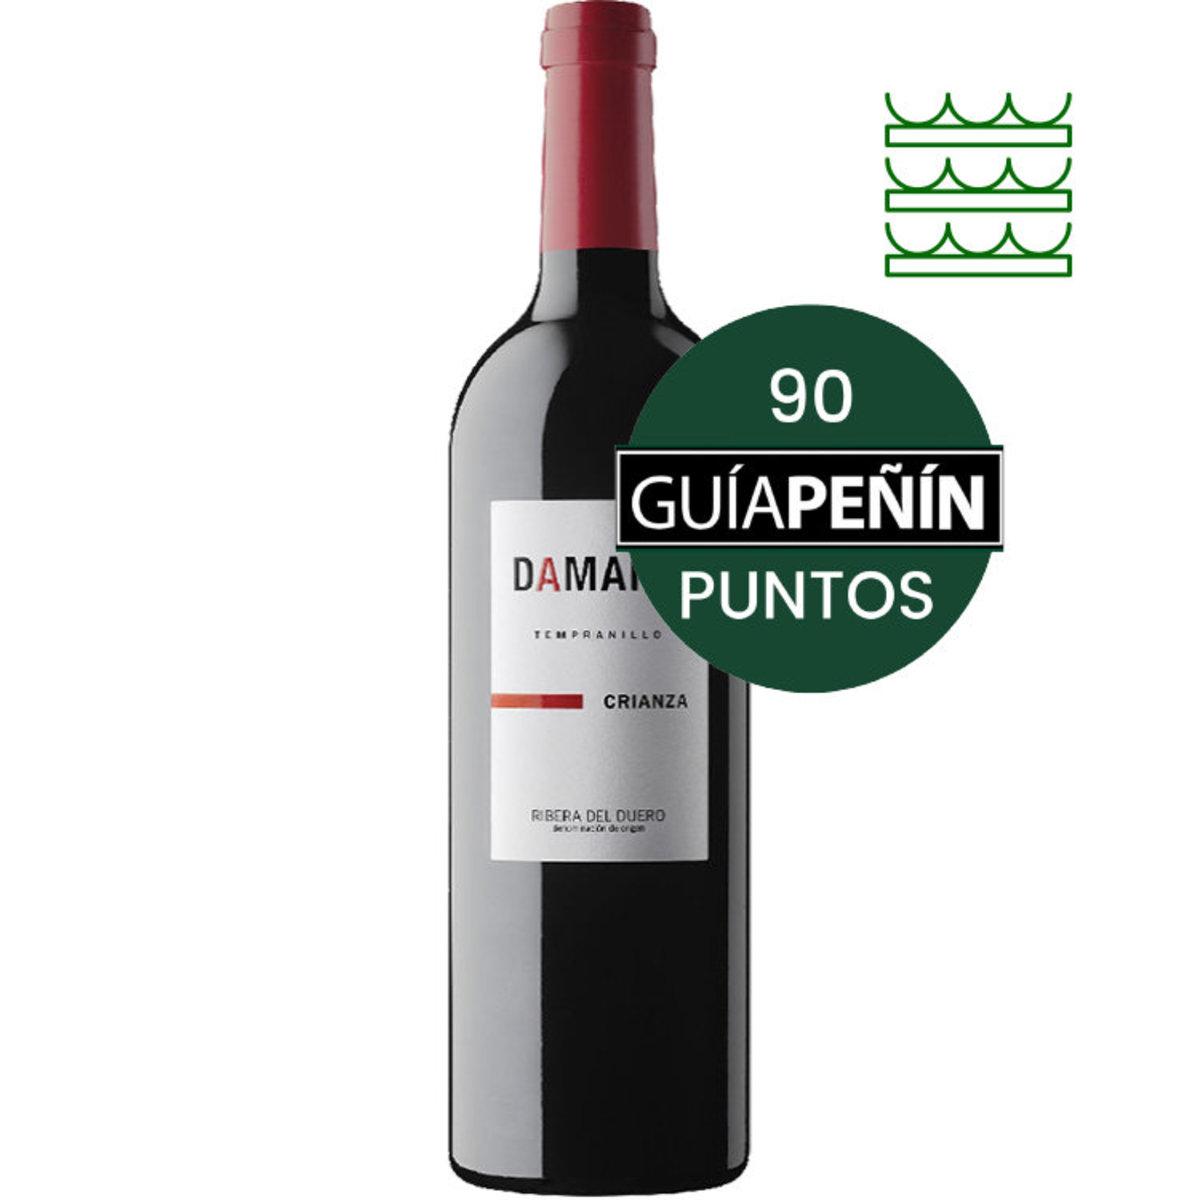 西班牙紅酒杜羅河Crianza 2014